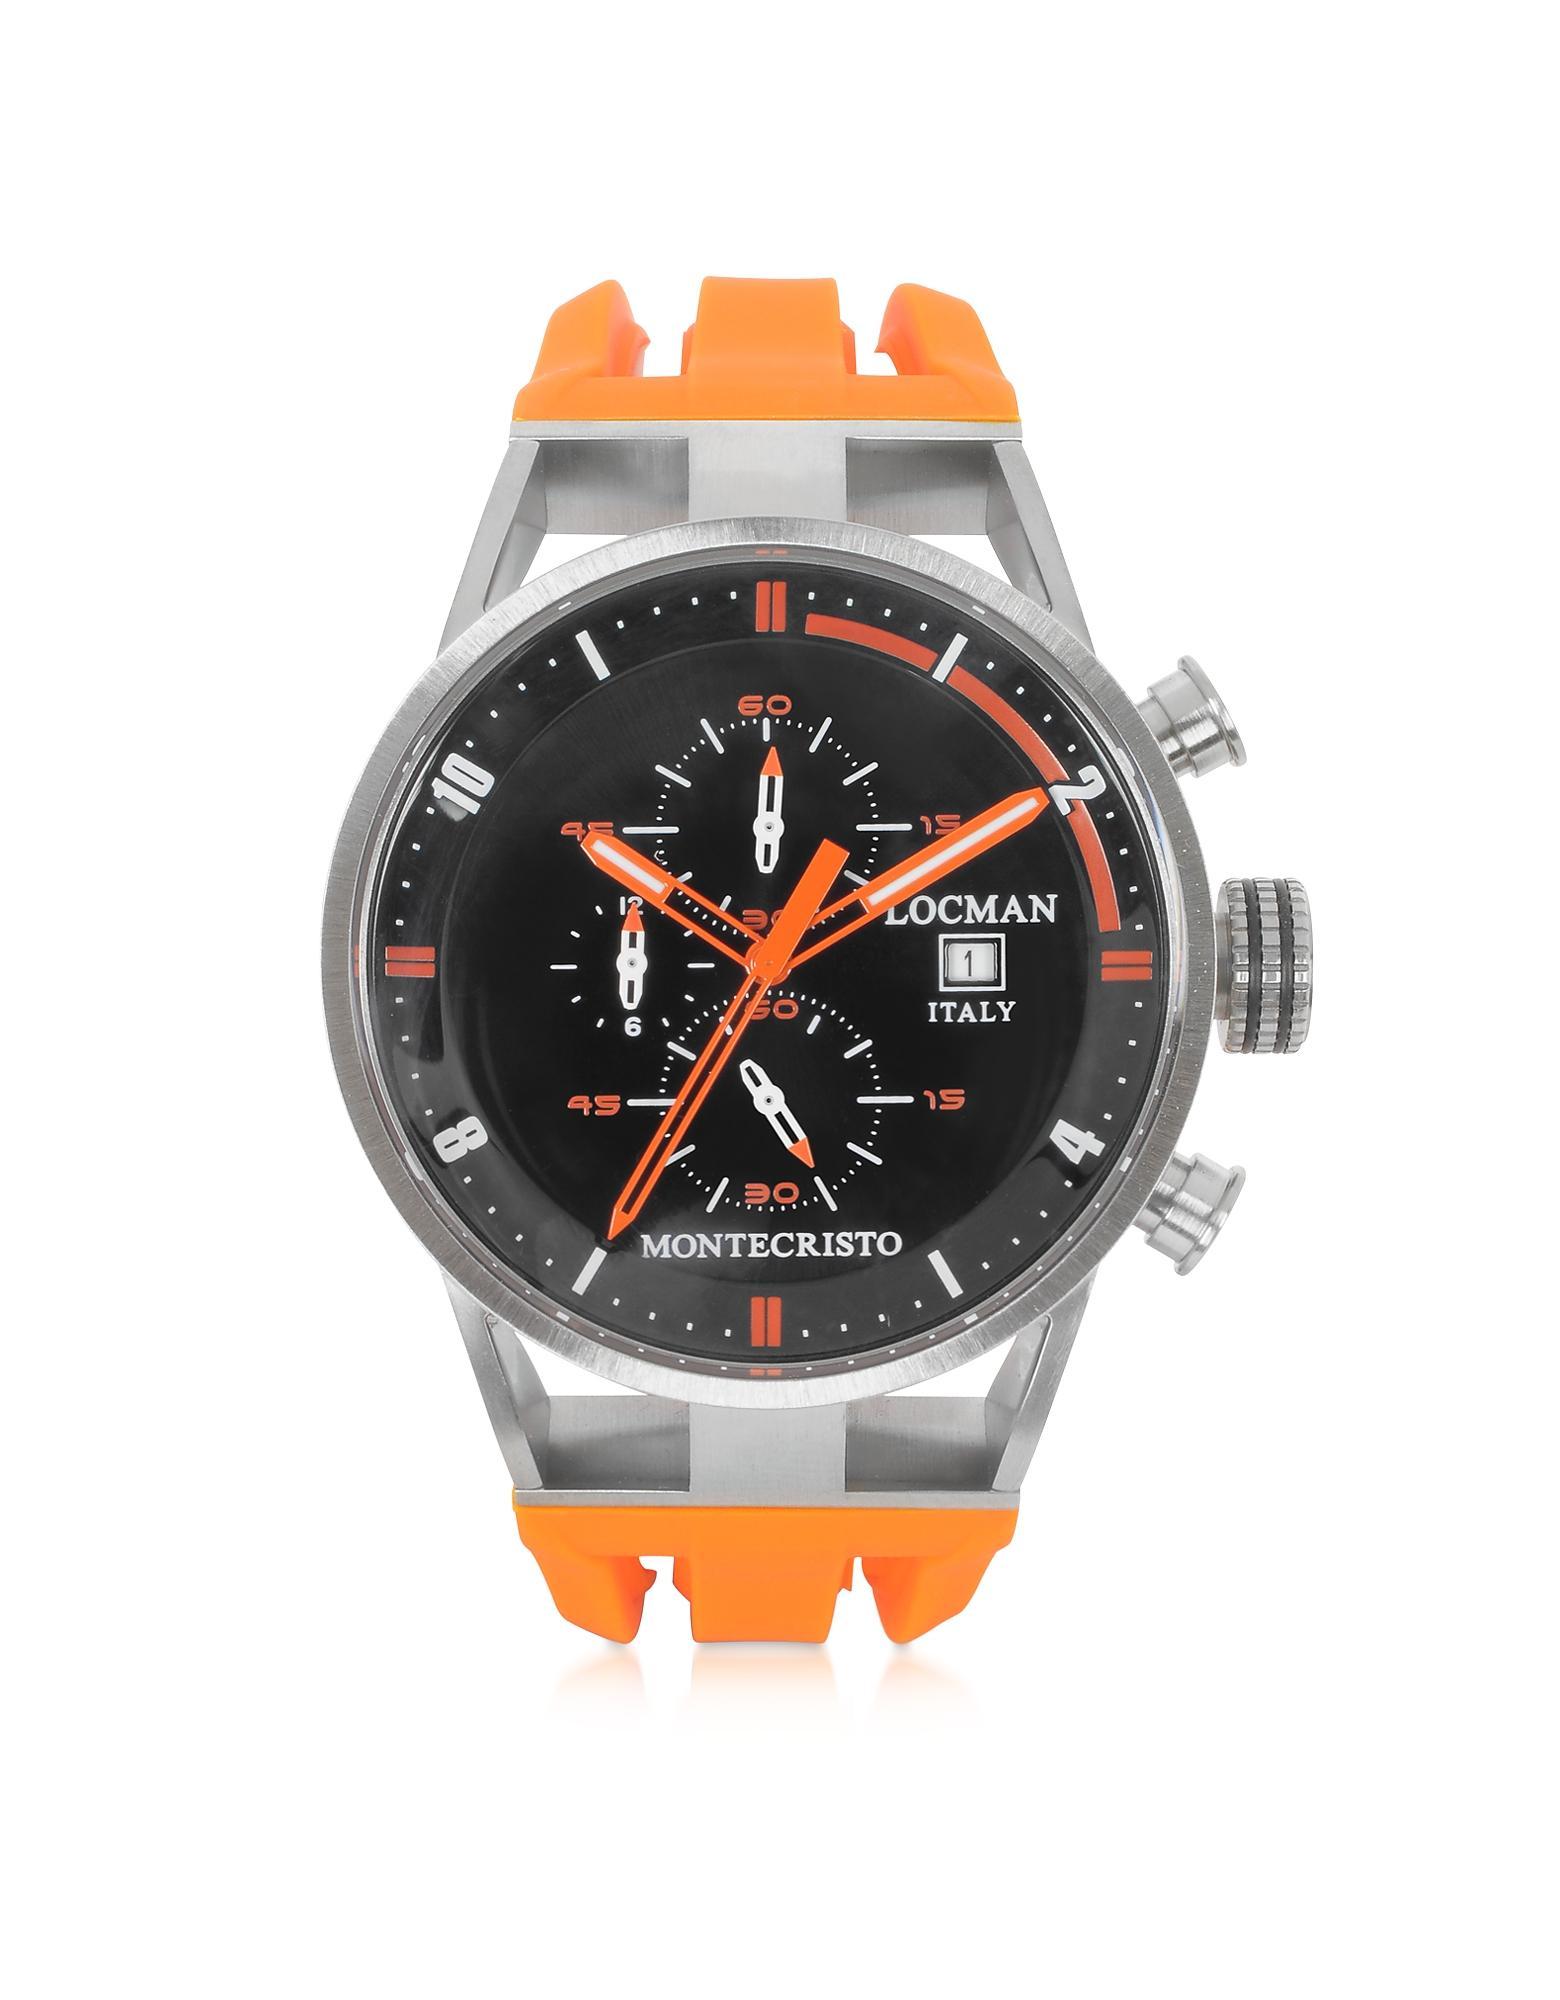 8b64b4256d06 Montecristo Reloj para Hombre de Acero Inoxidable y Titanio con ...